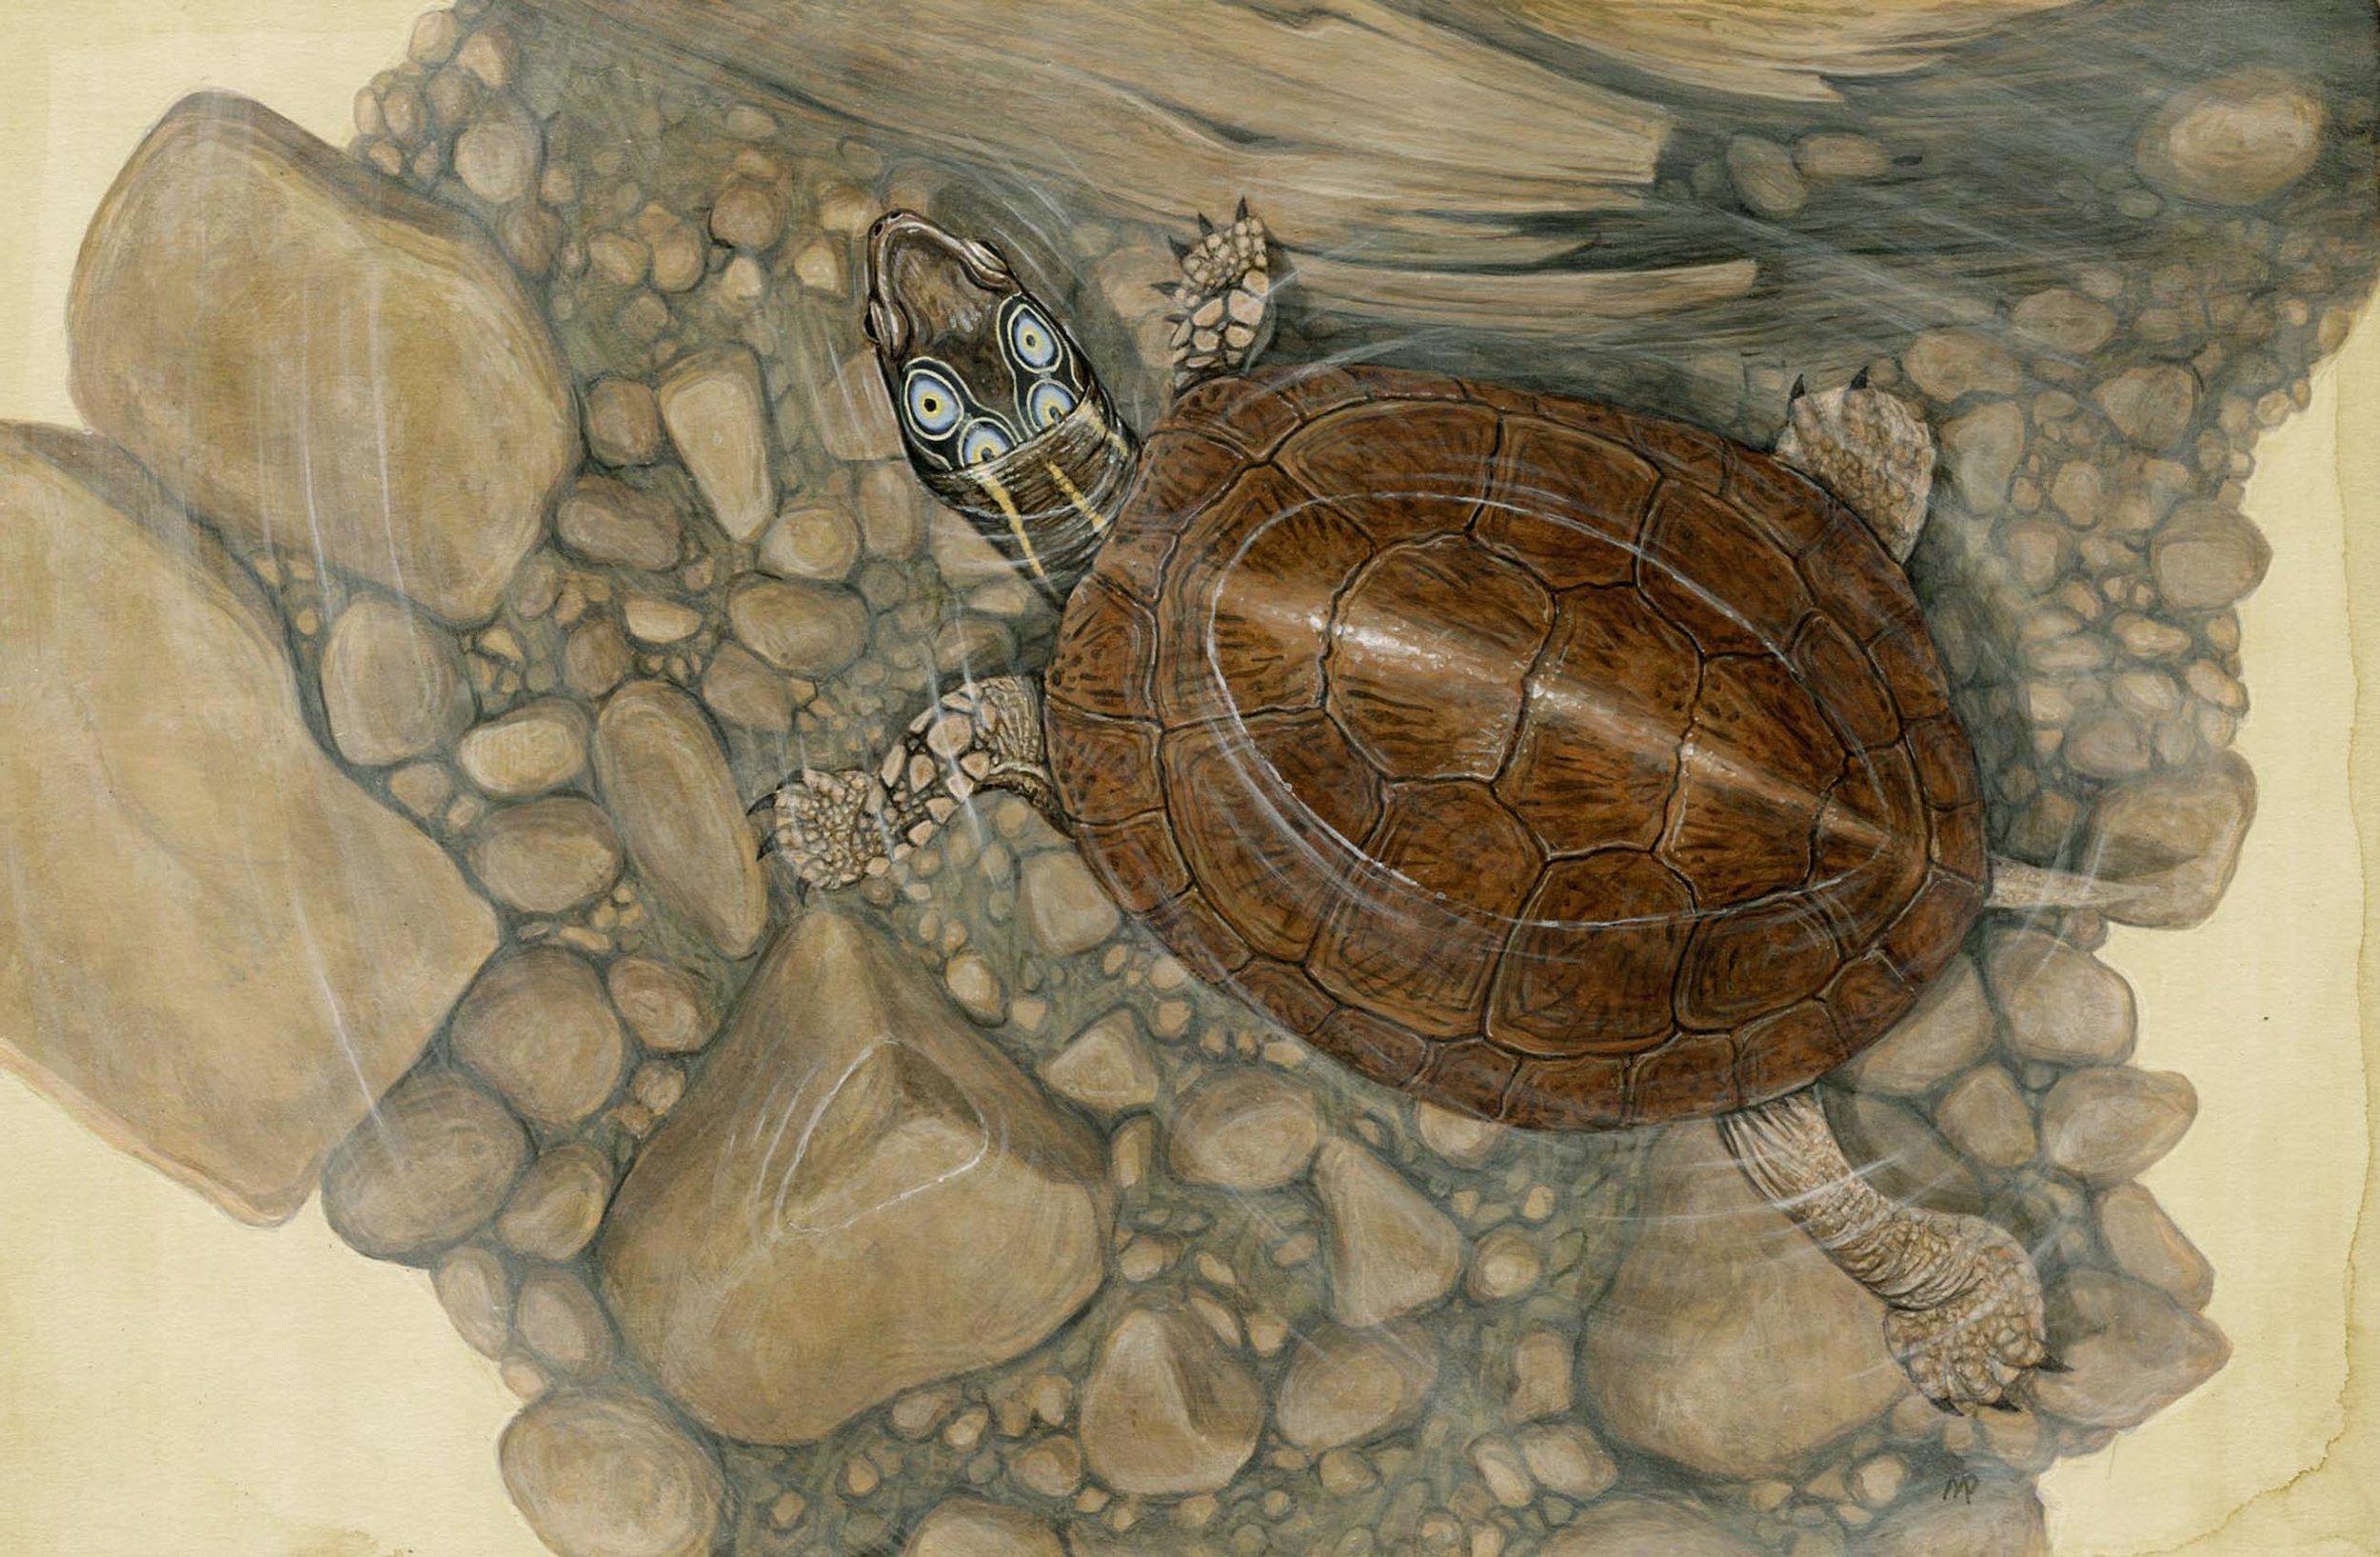 Foure-eyed Turtle